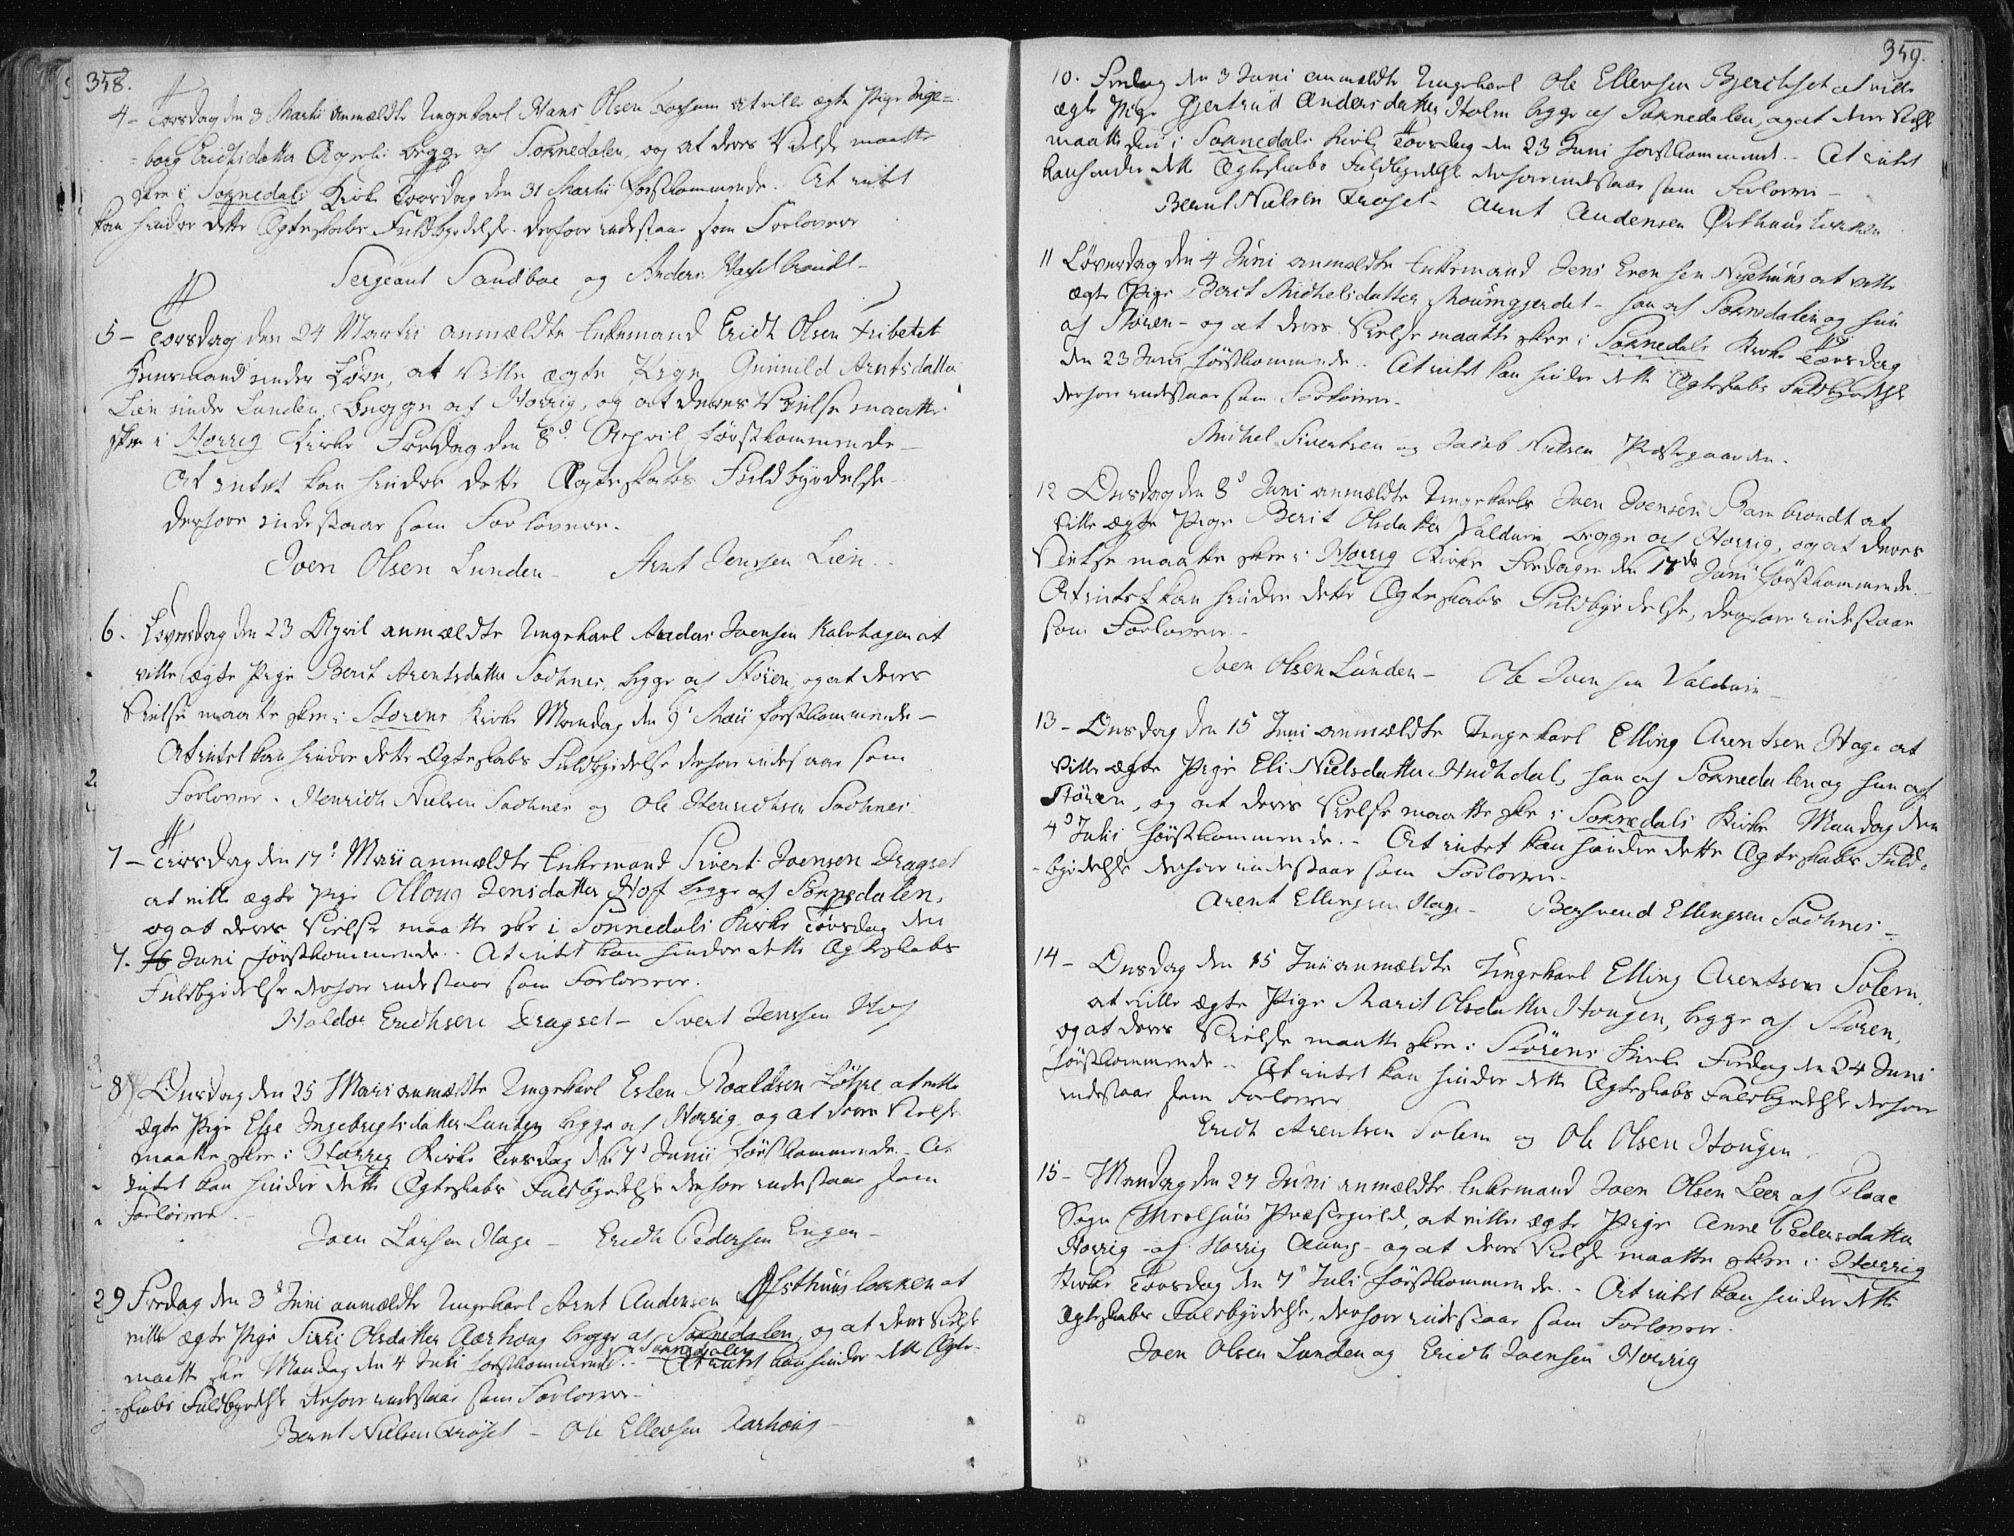 SAT, Ministerialprotokoller, klokkerbøker og fødselsregistre - Sør-Trøndelag, 687/L0992: Ministerialbok nr. 687A03 /1, 1788-1815, s. 358-359